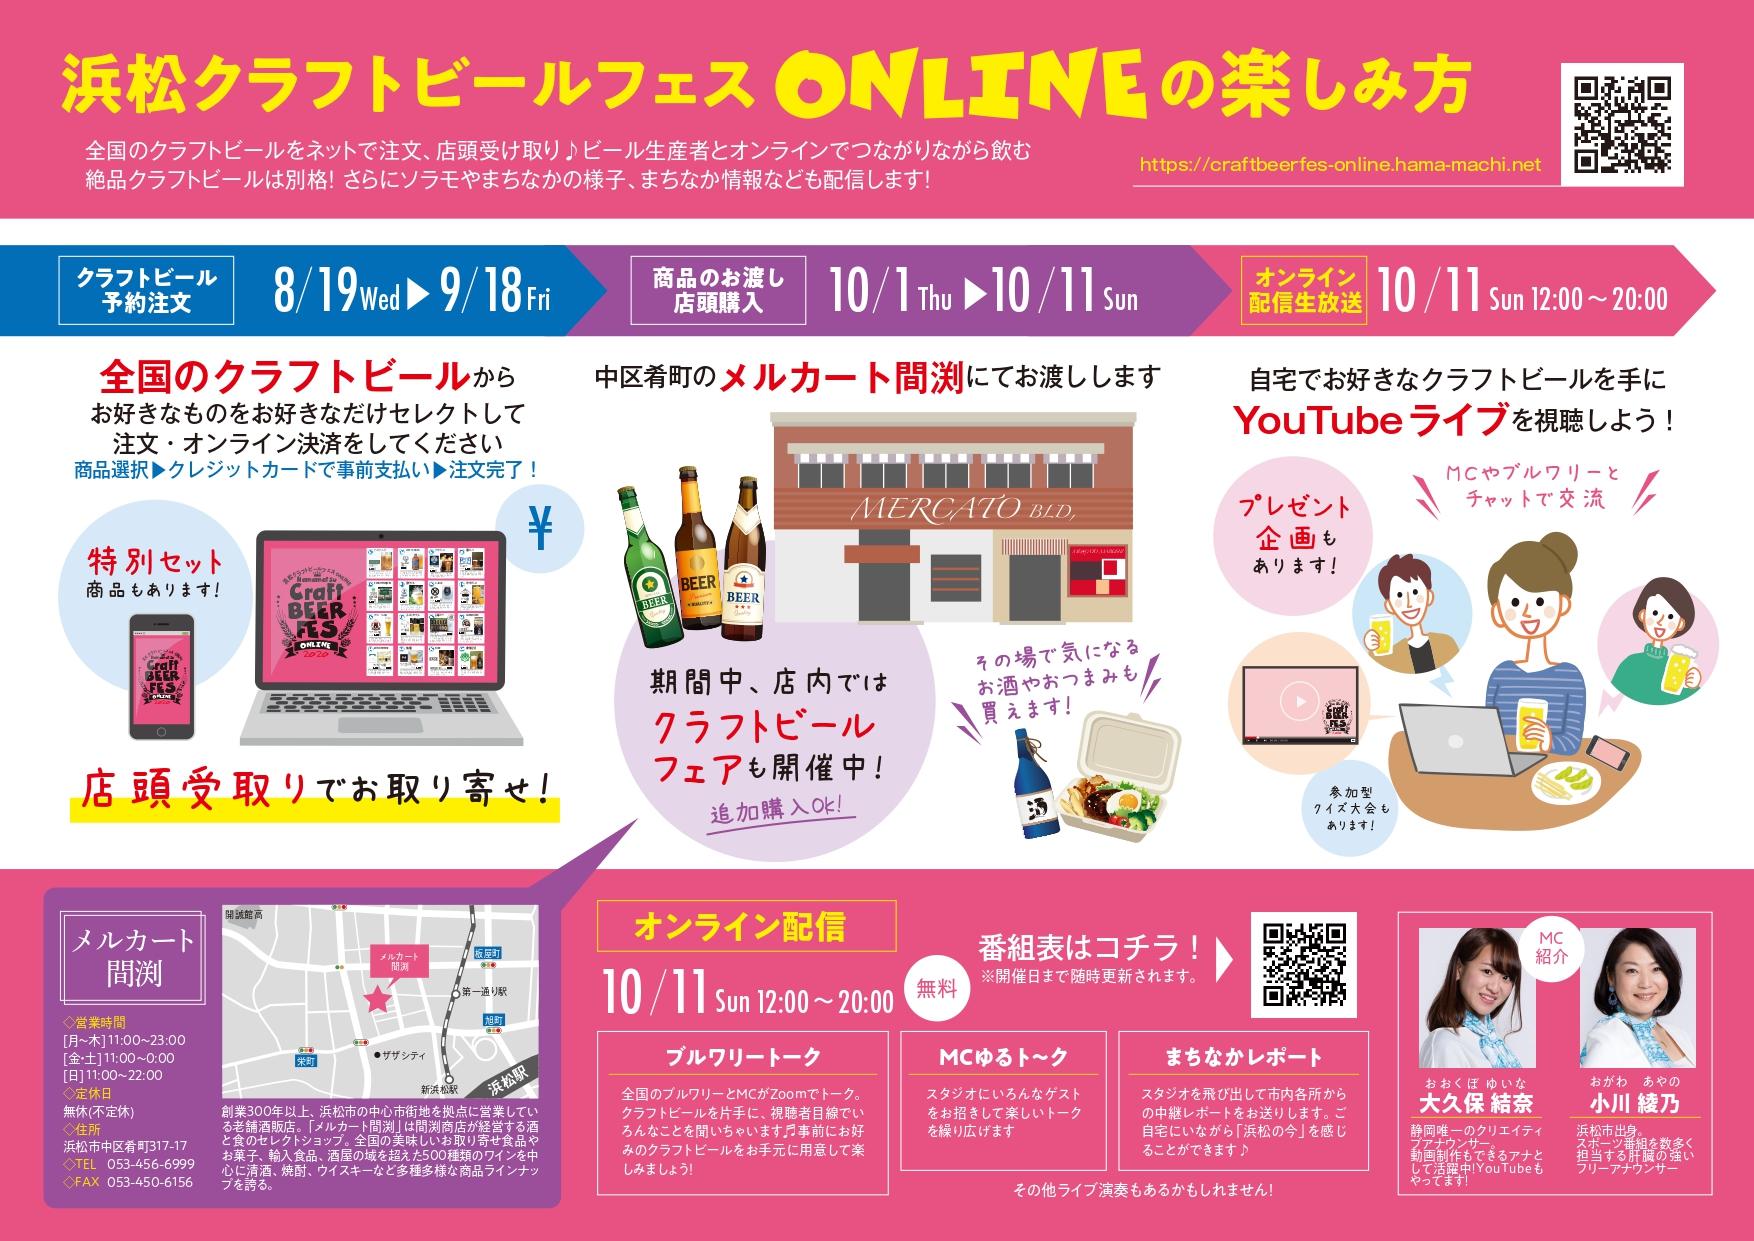 【浜松クラフトビールフェスONLINE2020】クラフトビール予約注文がスタートしました♩ | Any – エニィ